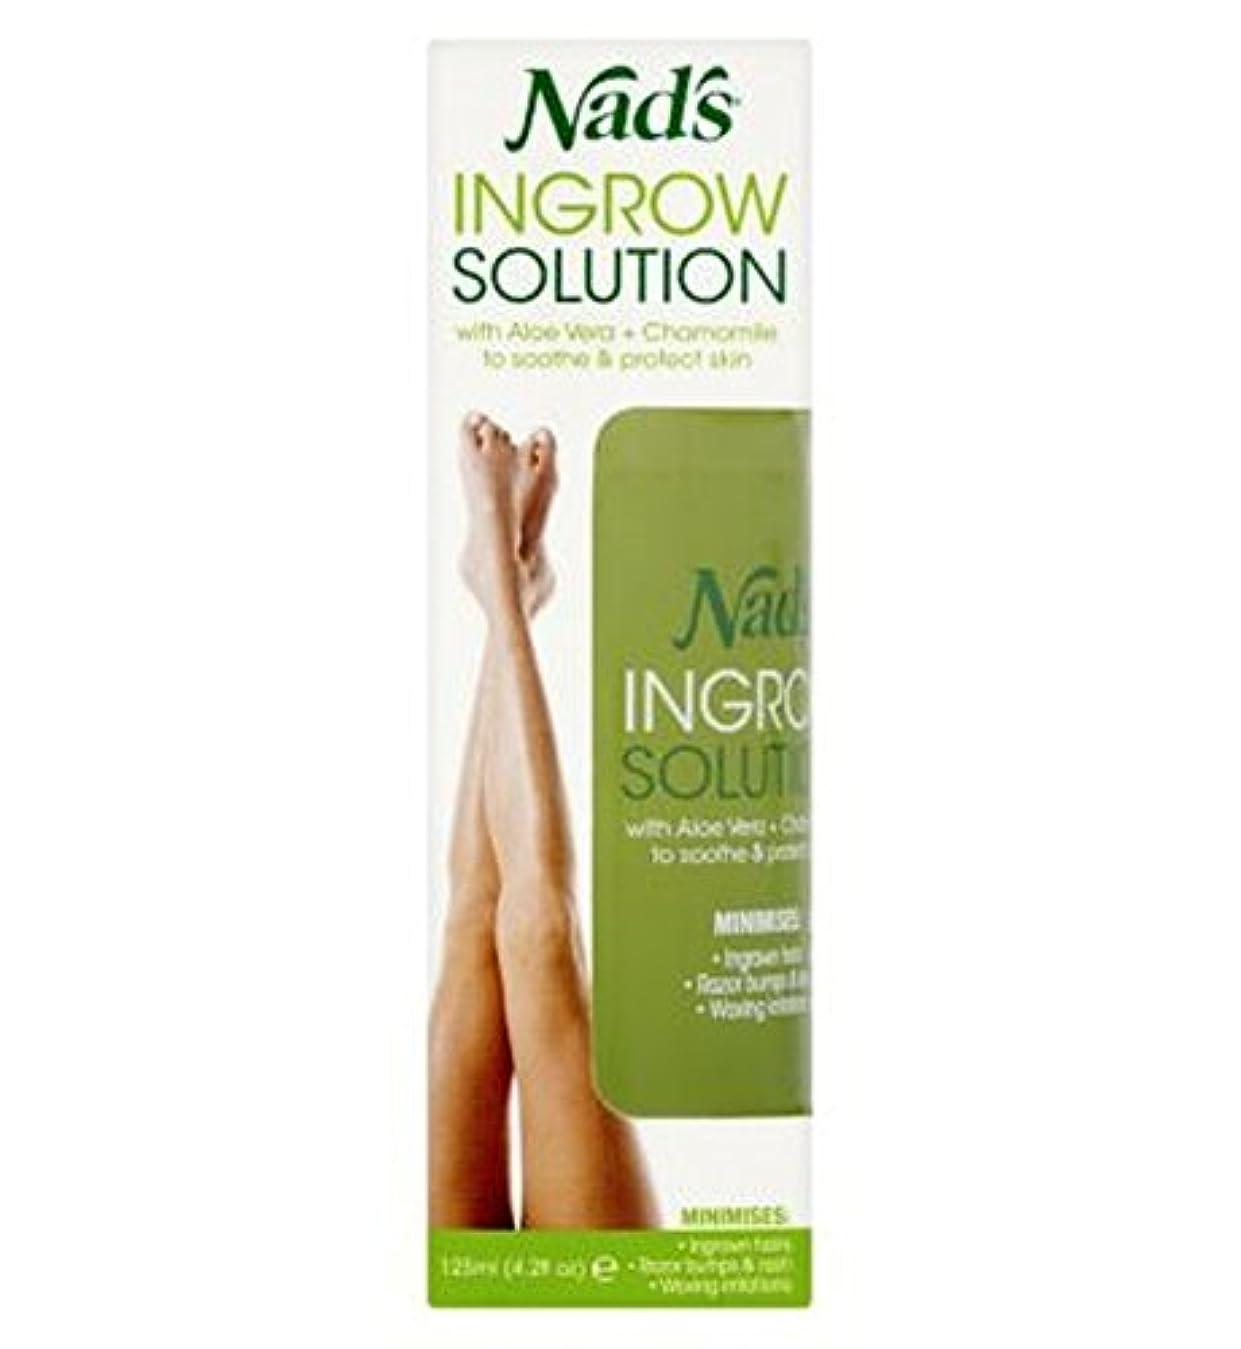 蓋意外暖かくNad's Ingrow Solution - ナドの内部に成長するソリューション (Nad's) [並行輸入品]